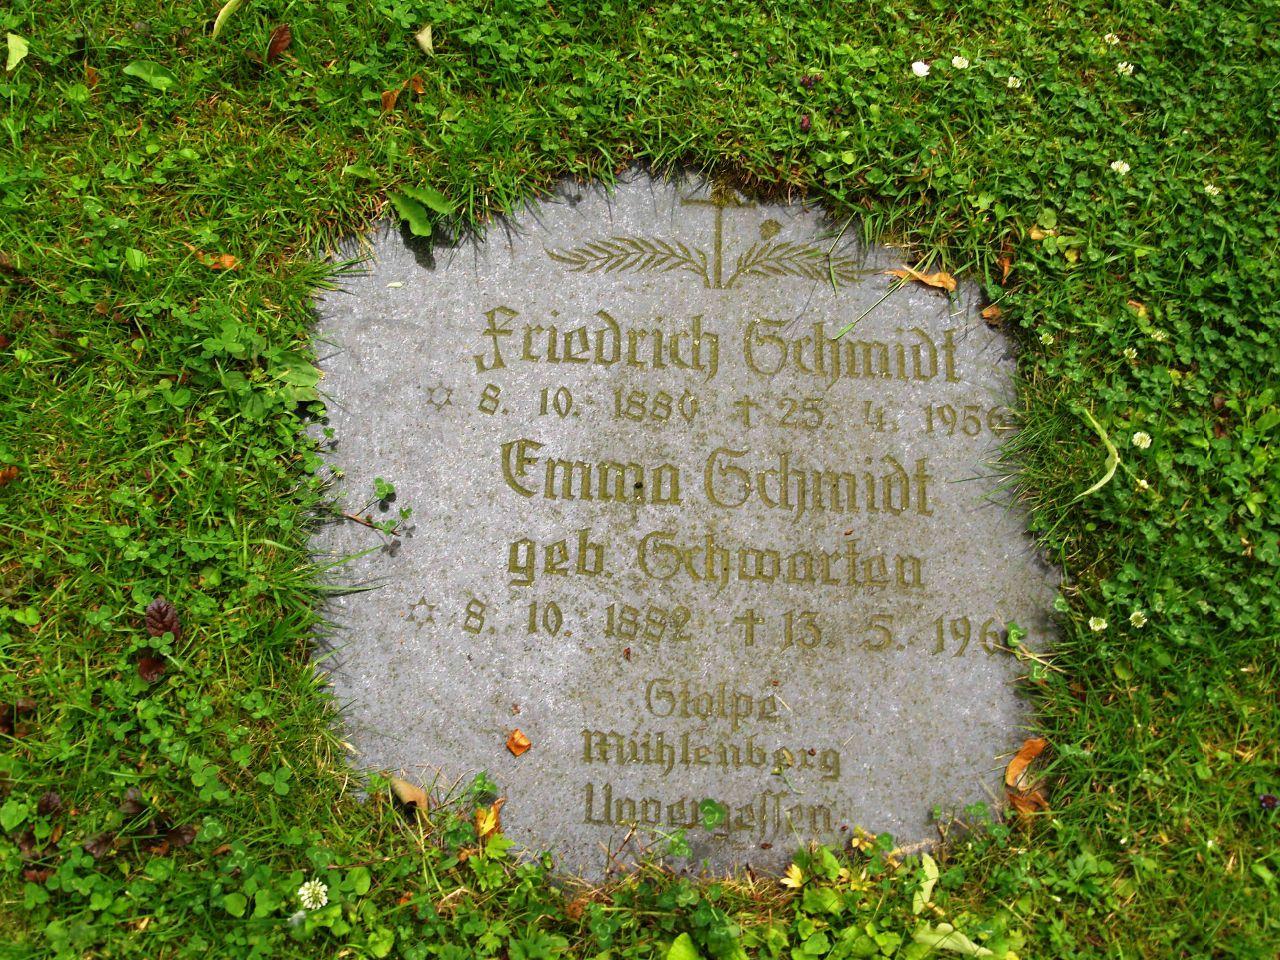 Grabstein von Friedrich und Emma Schmidt